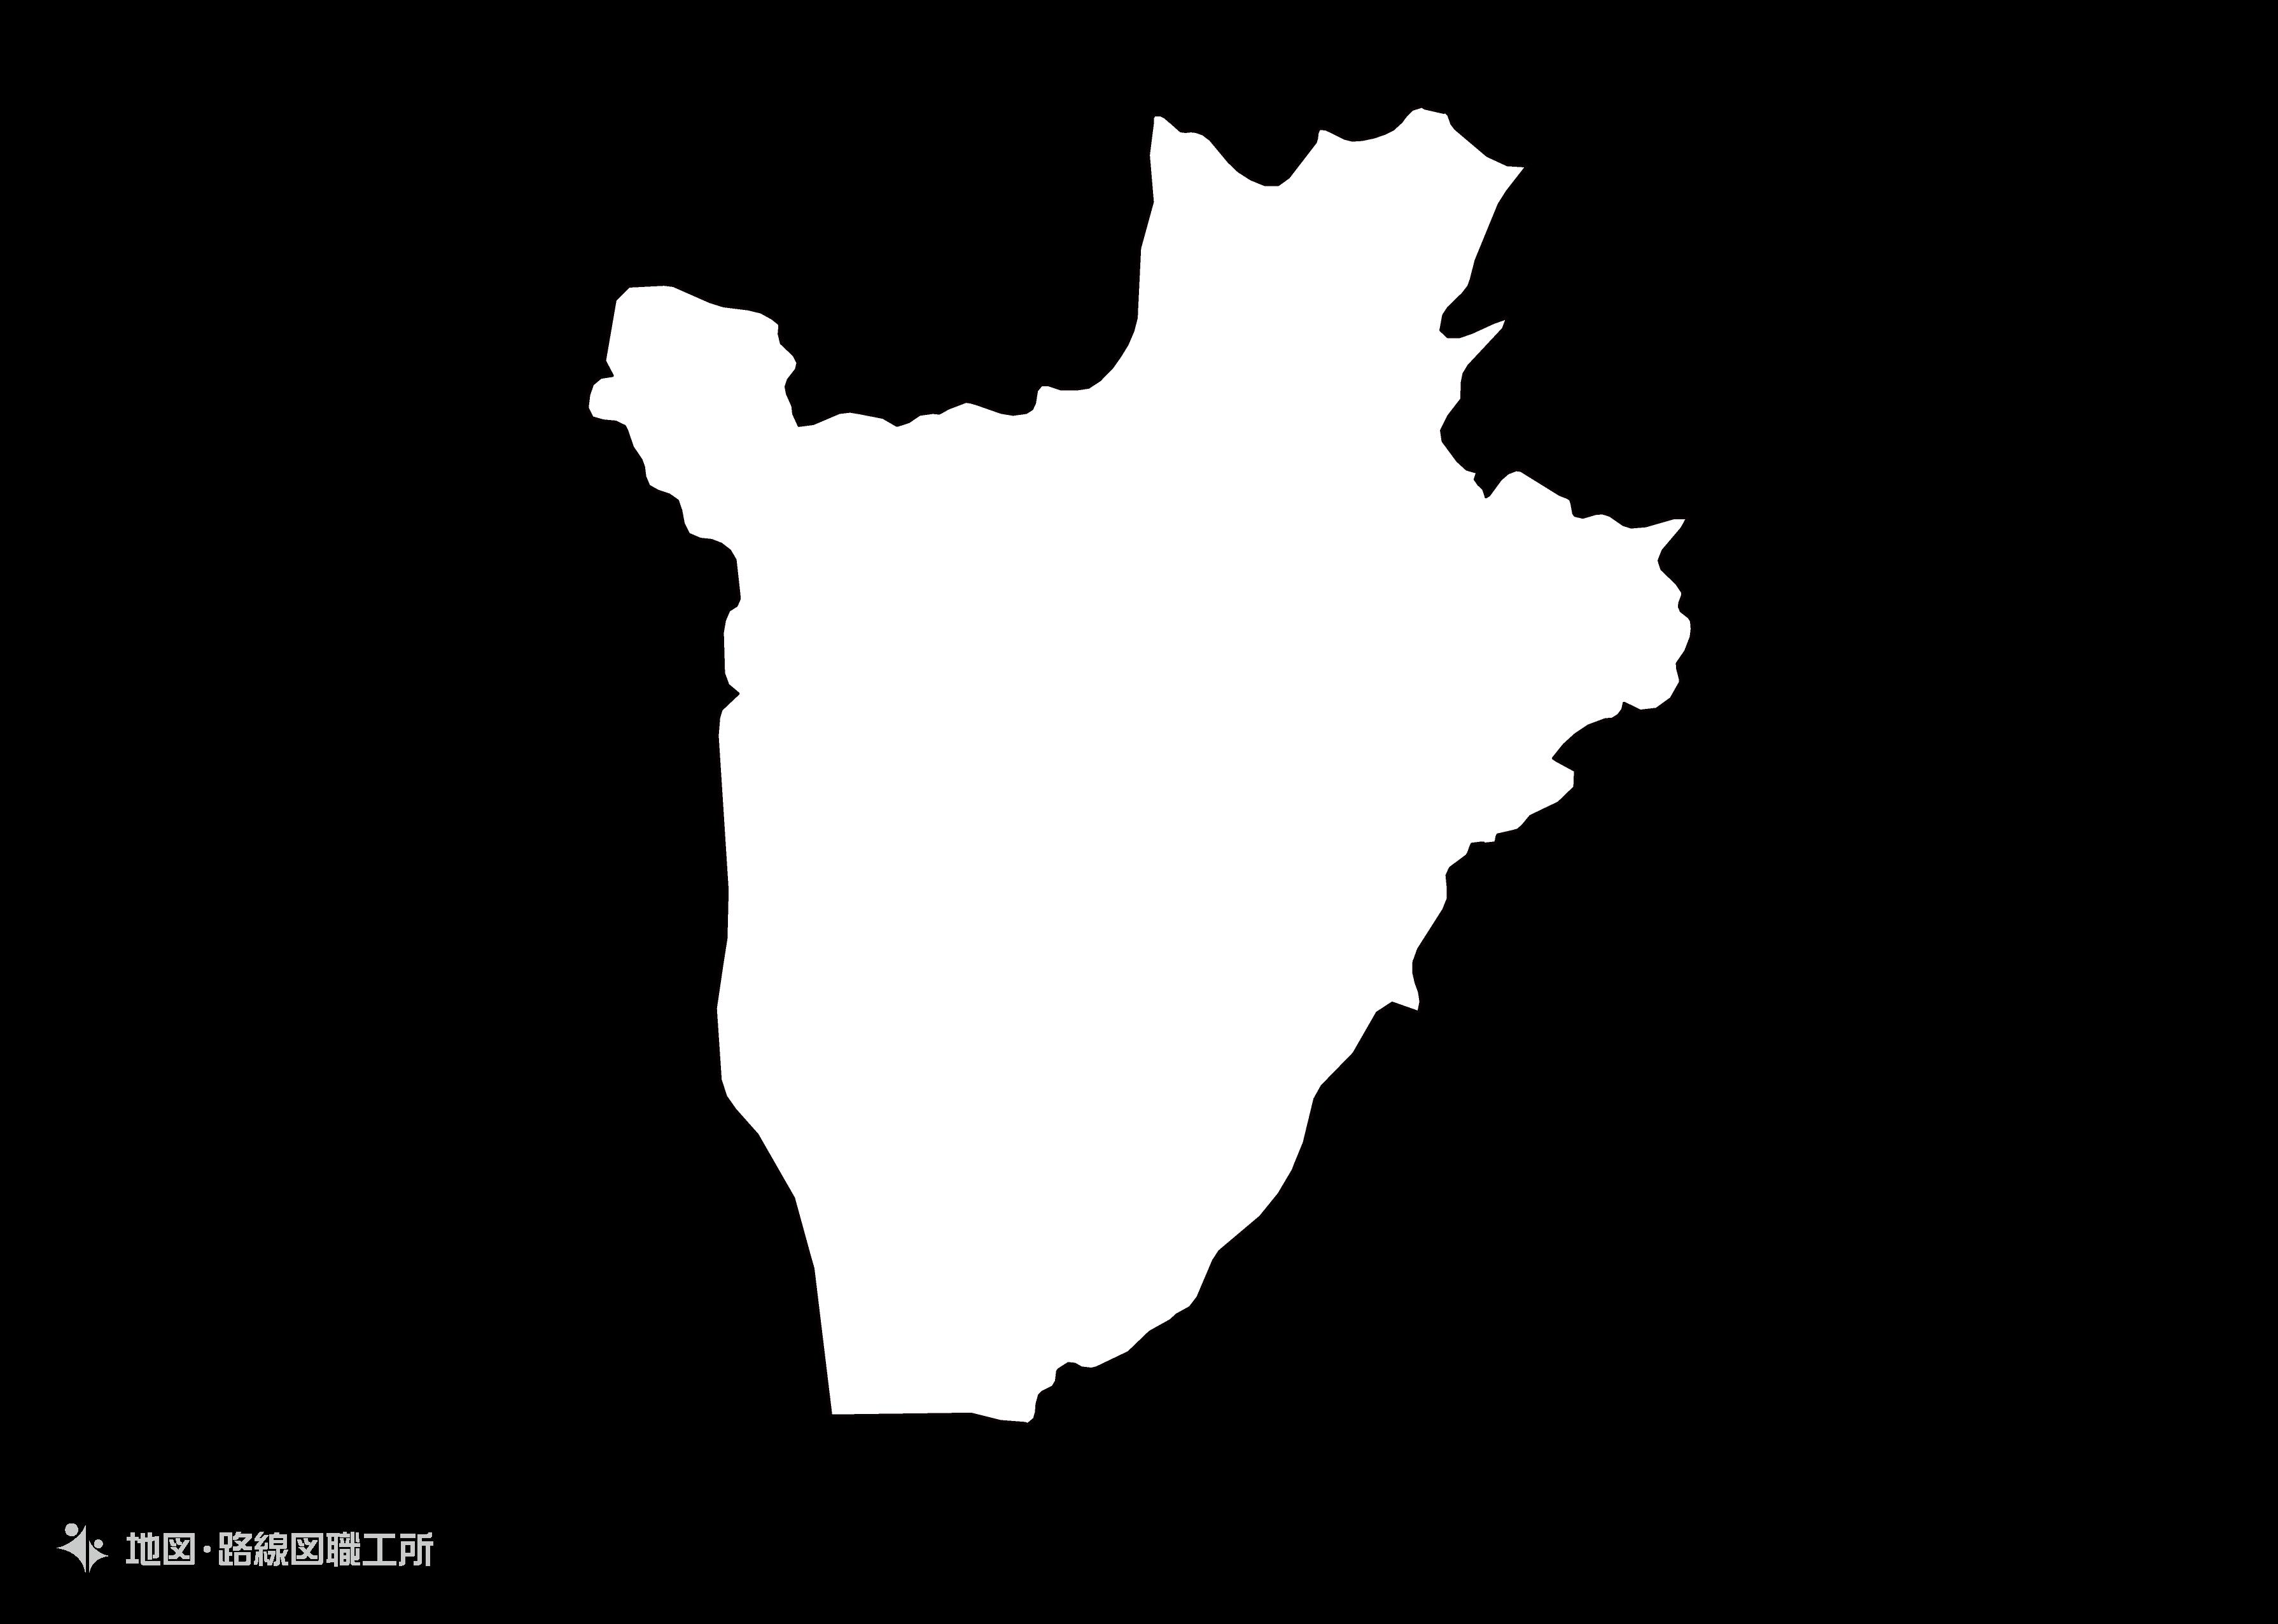 世界の白地図 ブルンジ共和国 republic-of-burundi map